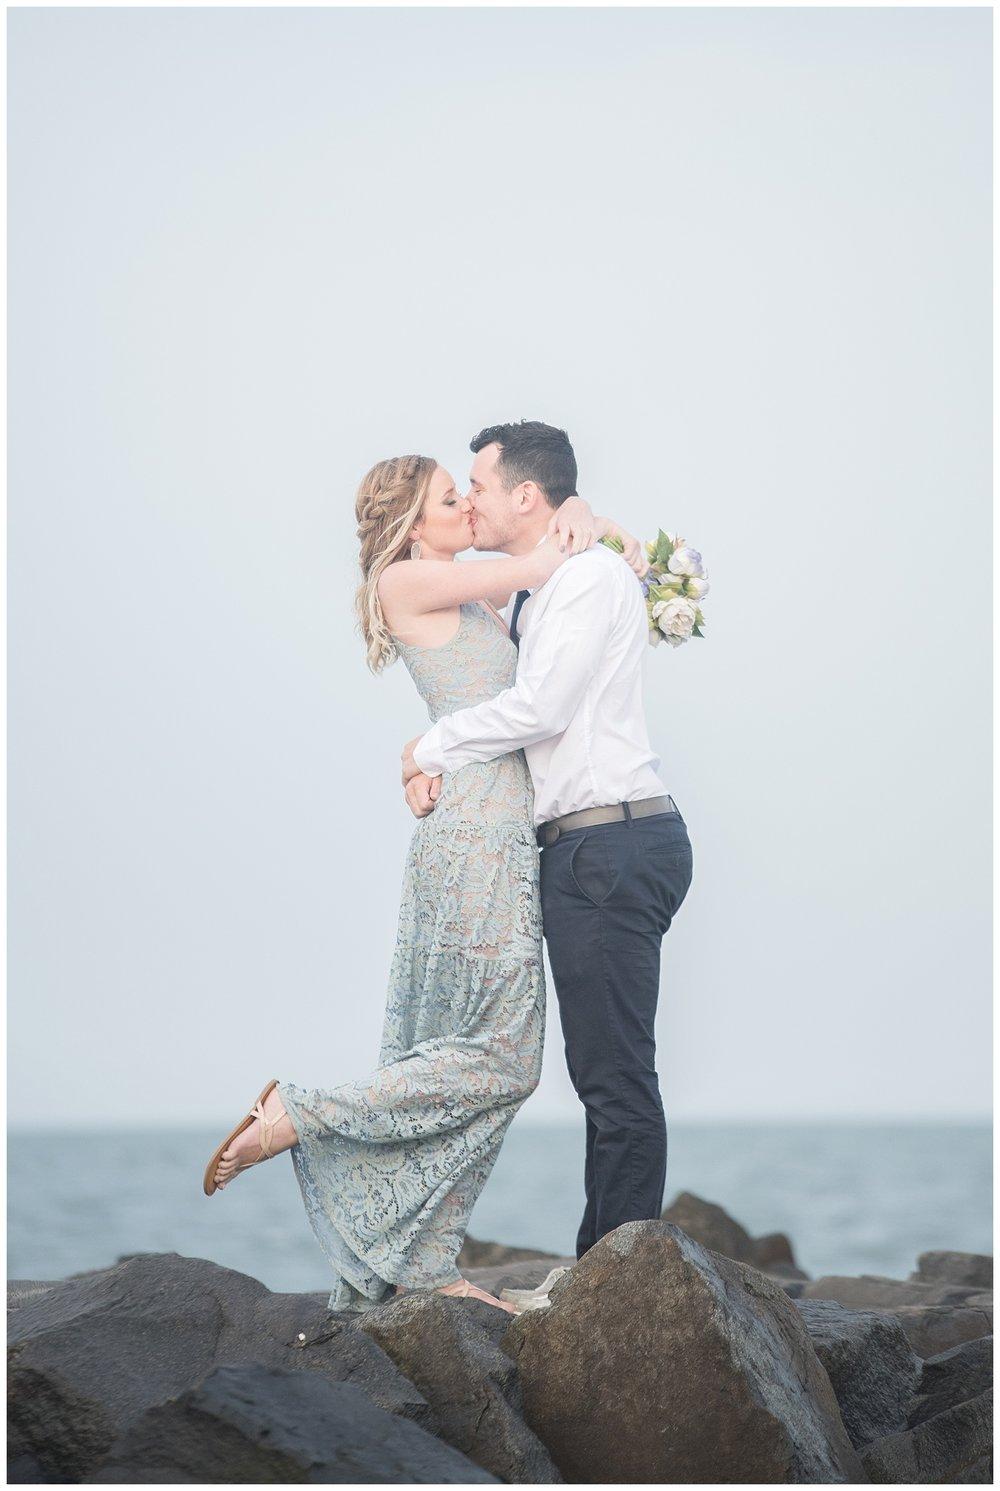 Jersey Shore Wedding Inspiration | Ocean City Boardwalk | Ocean City, NJ | www.redoakweddings.com